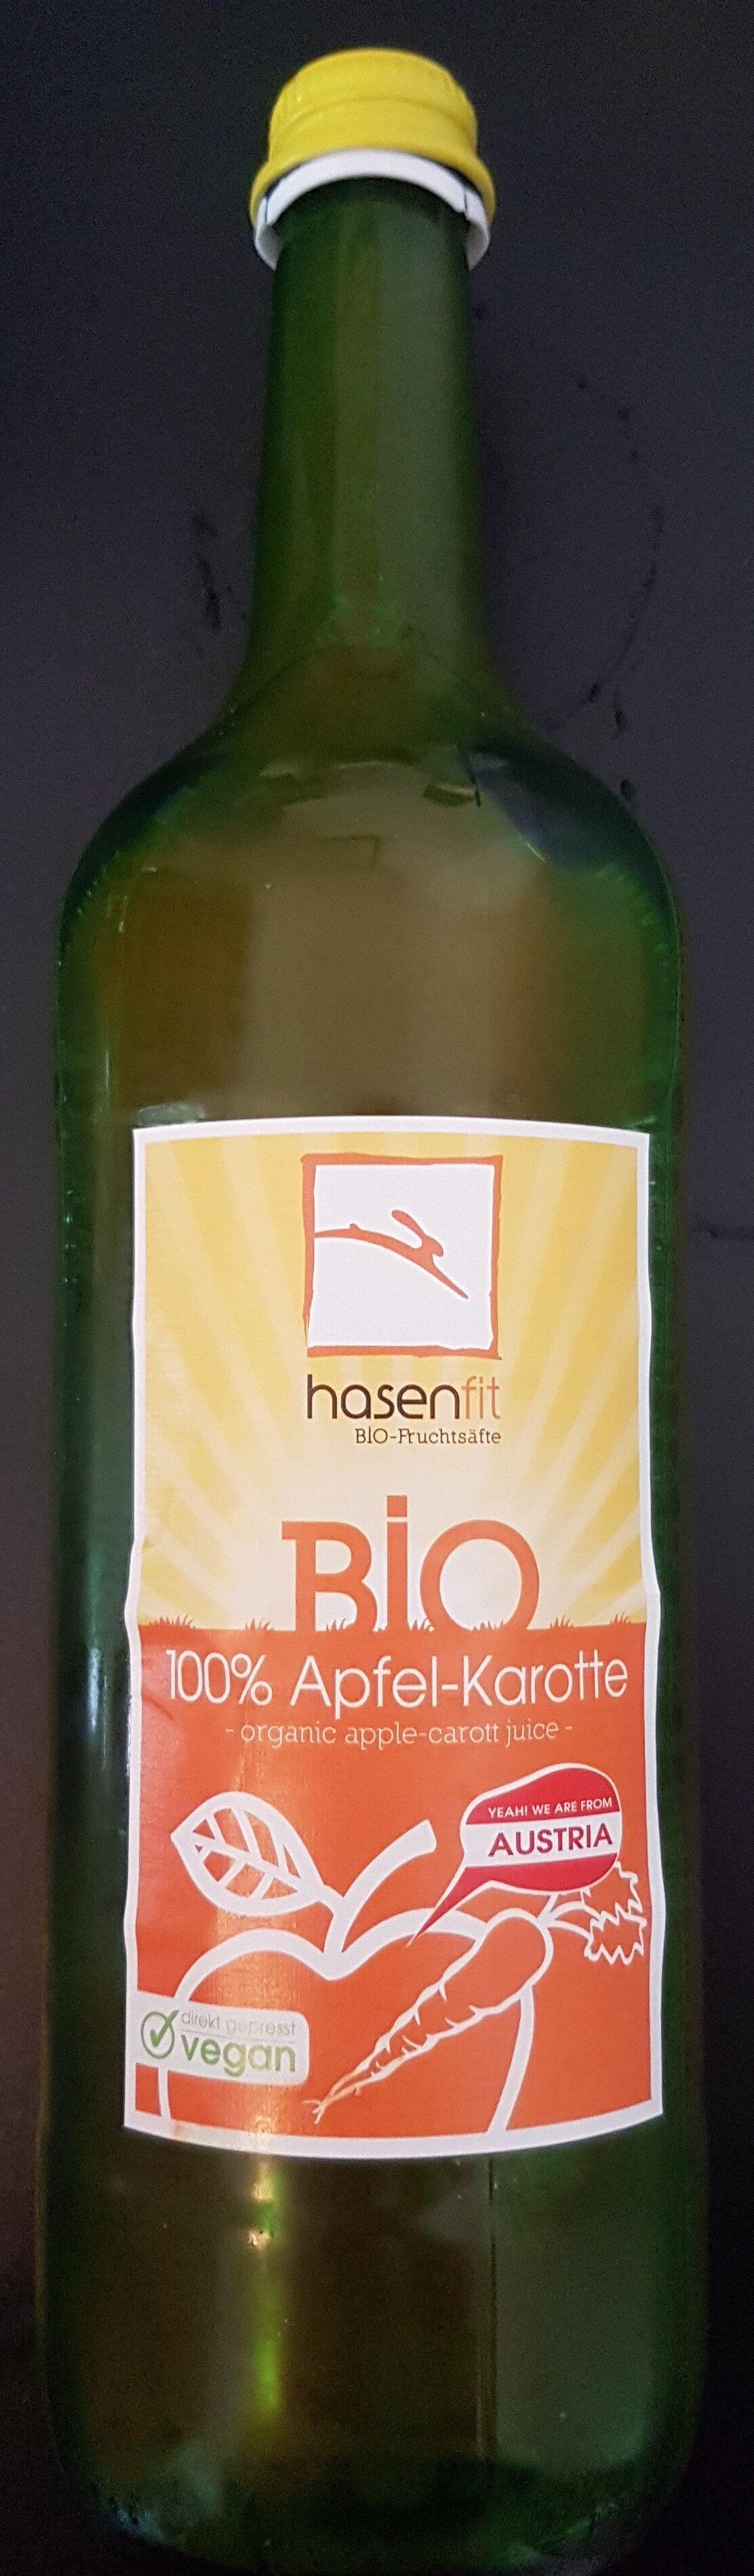 Bio Apfel- und Karottensaft naturtrüb - Product - en